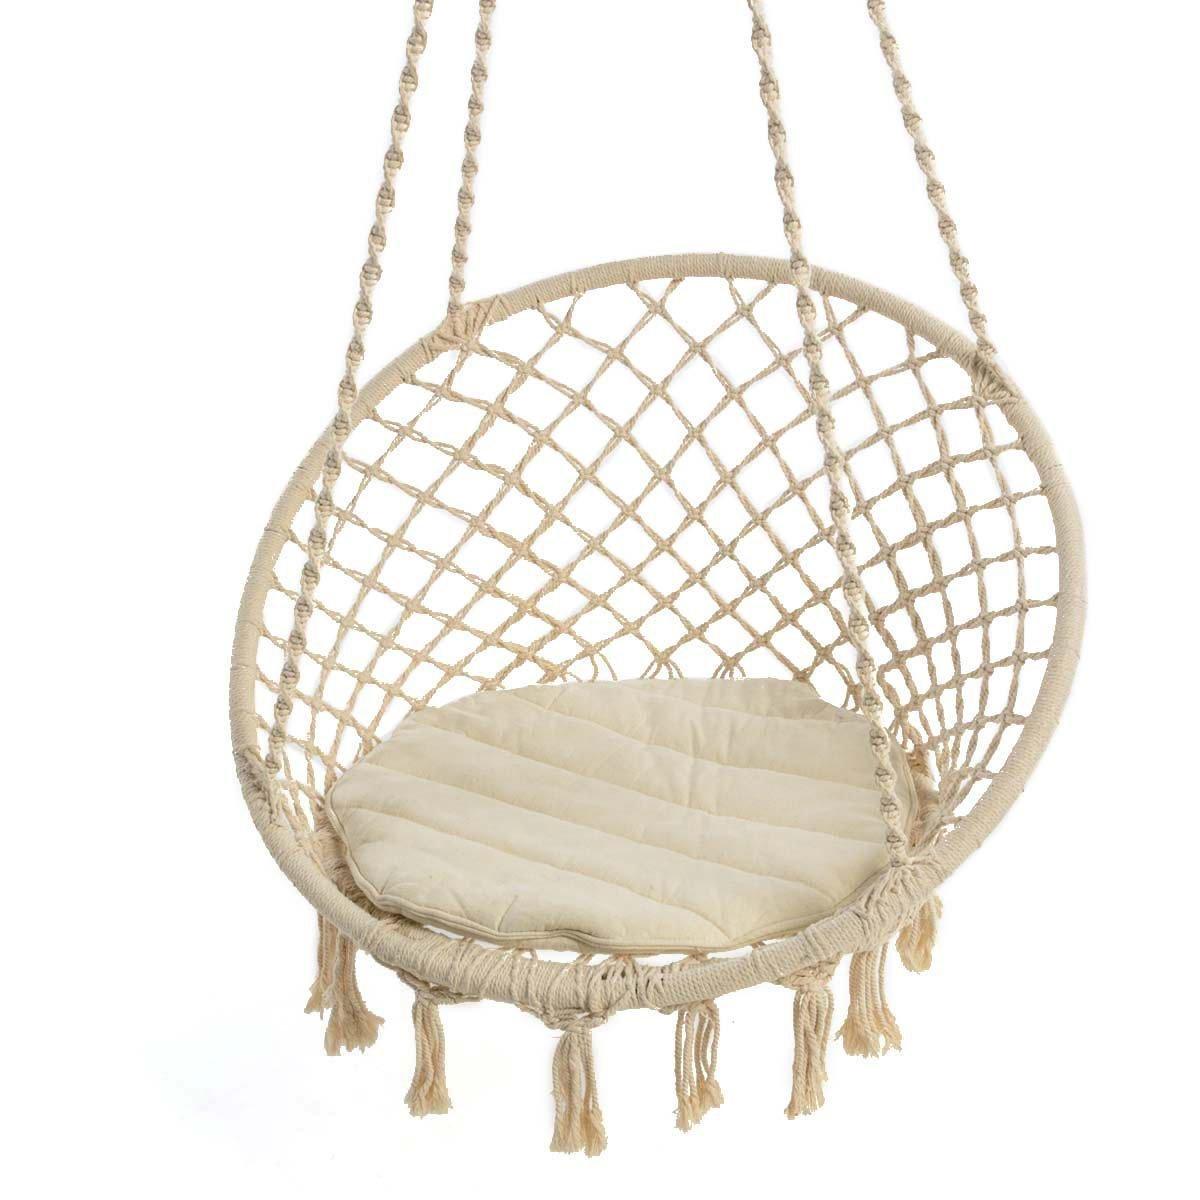 Hängesessel zum Aufhängen - mit rundem Sitzkissen - Weiß Beige